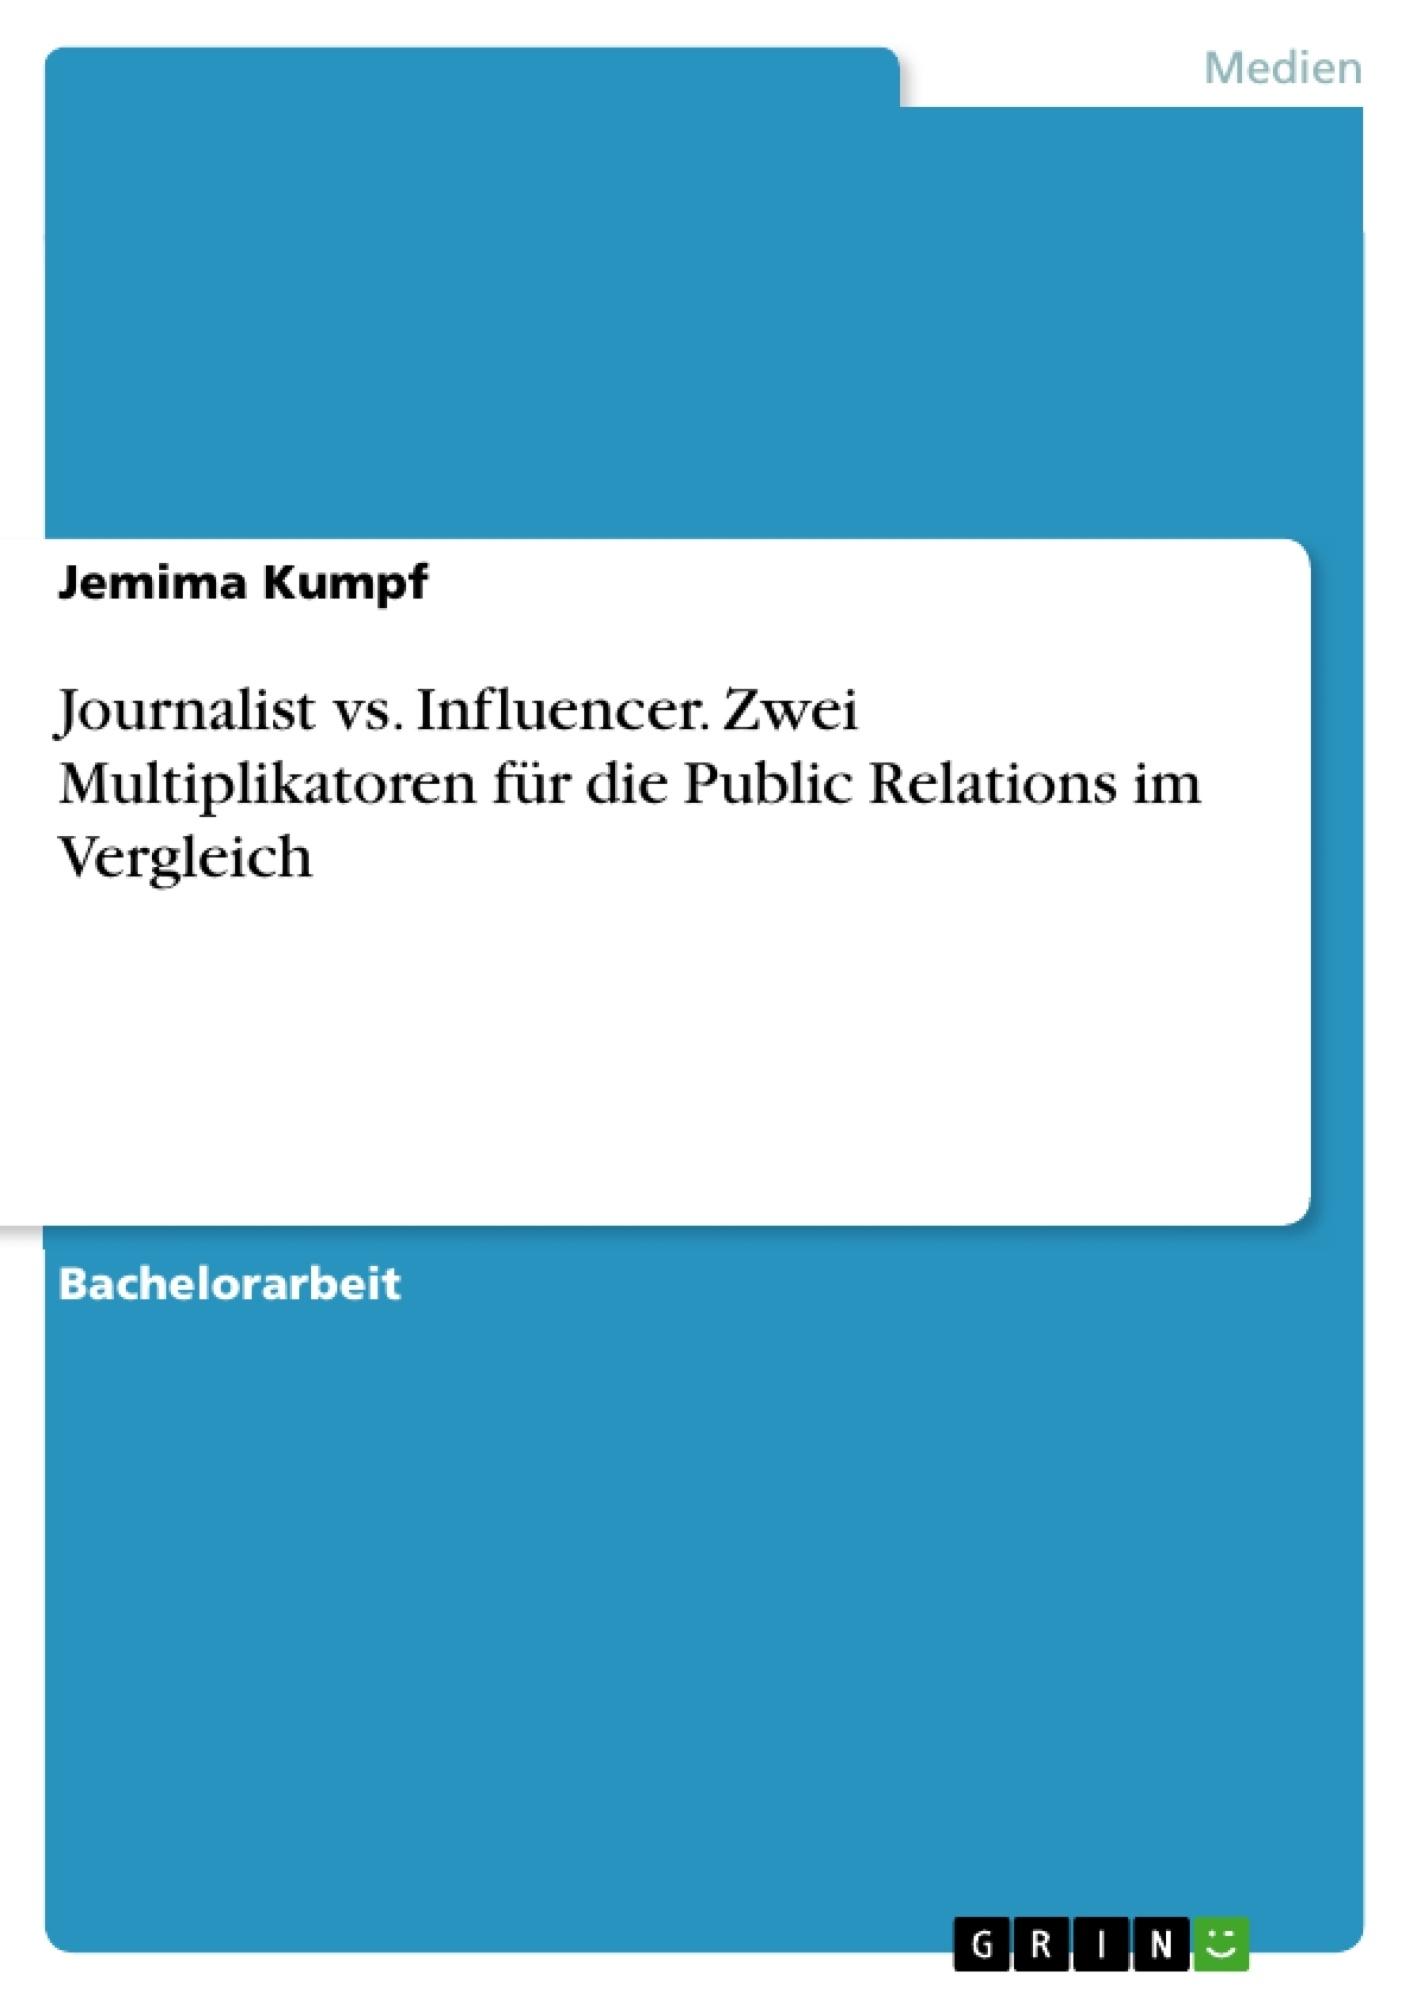 Titel: Journalist vs. Influencer. Zwei Multiplikatoren für die Public Relations im Vergleich